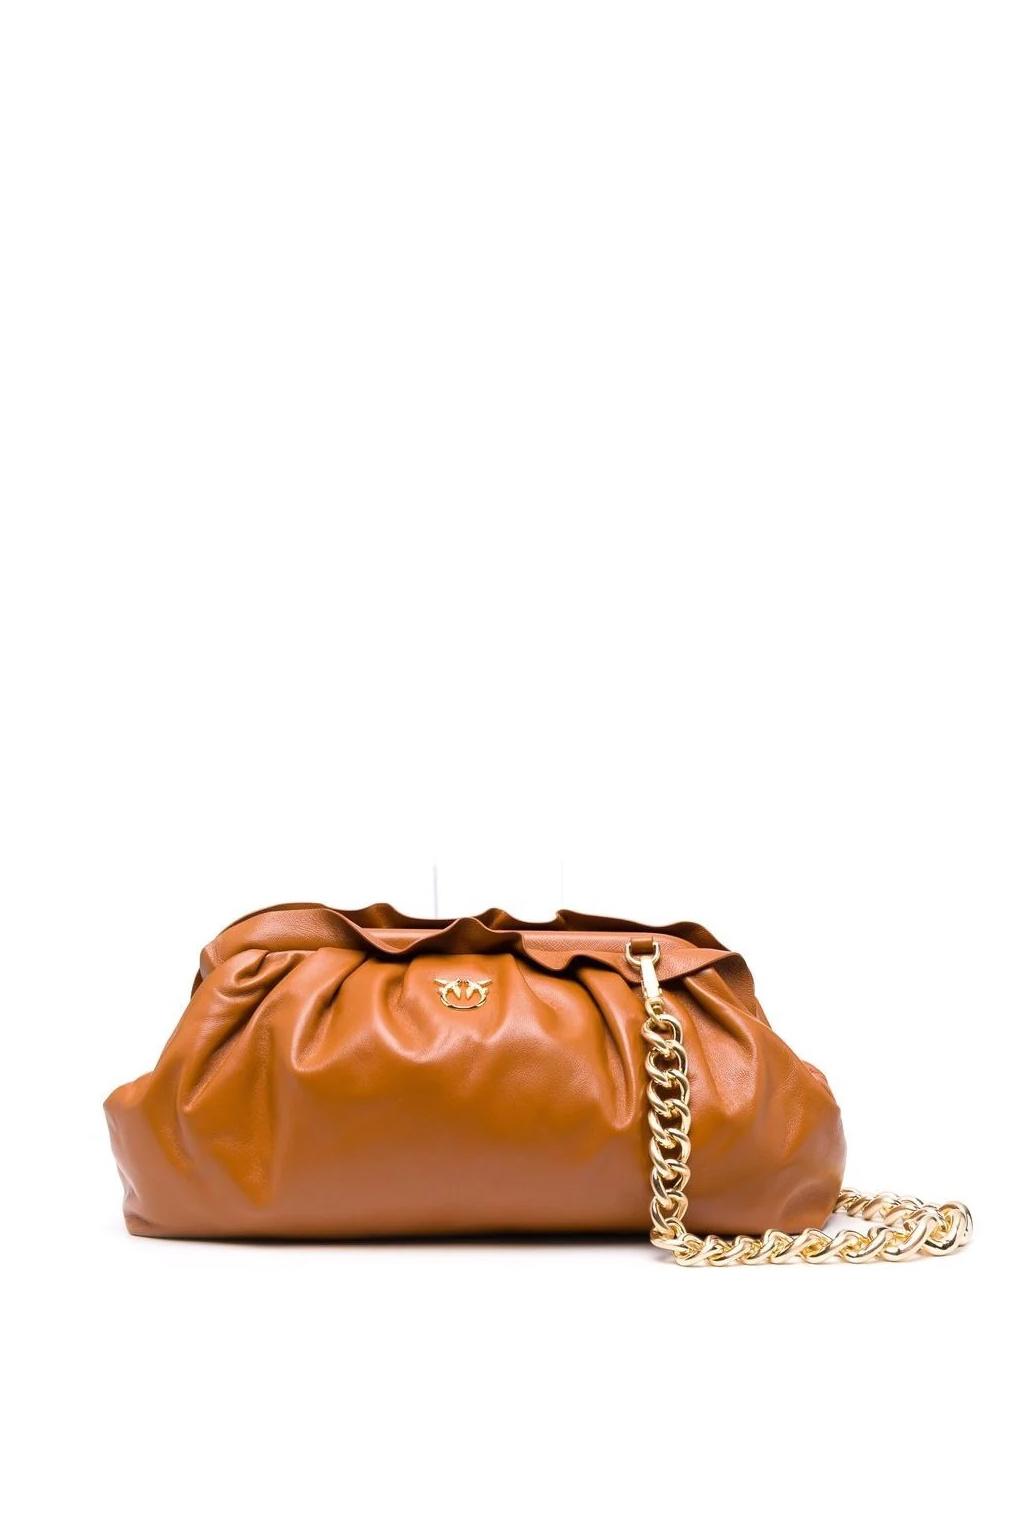 Dámská kabelka Pinko Chain Clutch Framed 1 Cl hnědá